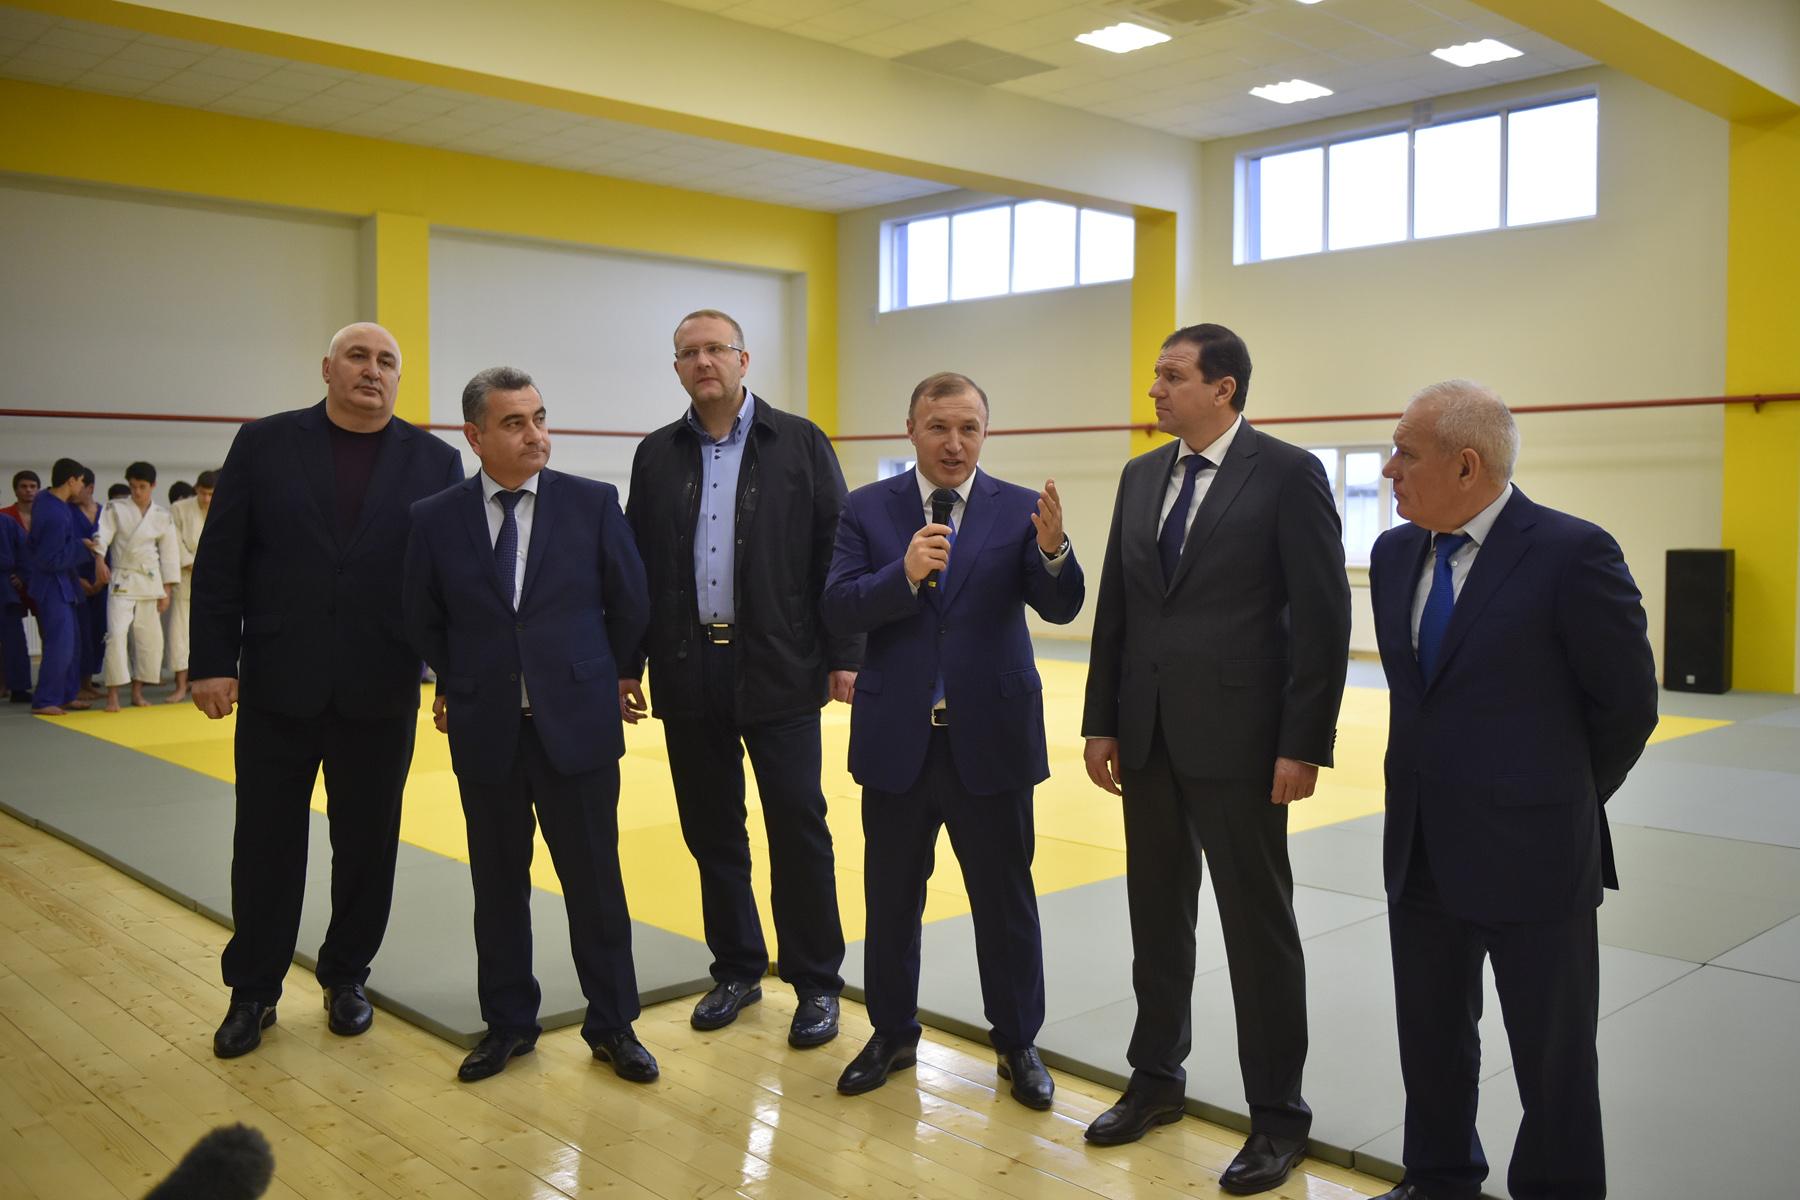 Фото пресс-службы Главы Республики Адыгея 19.12.2017 г.